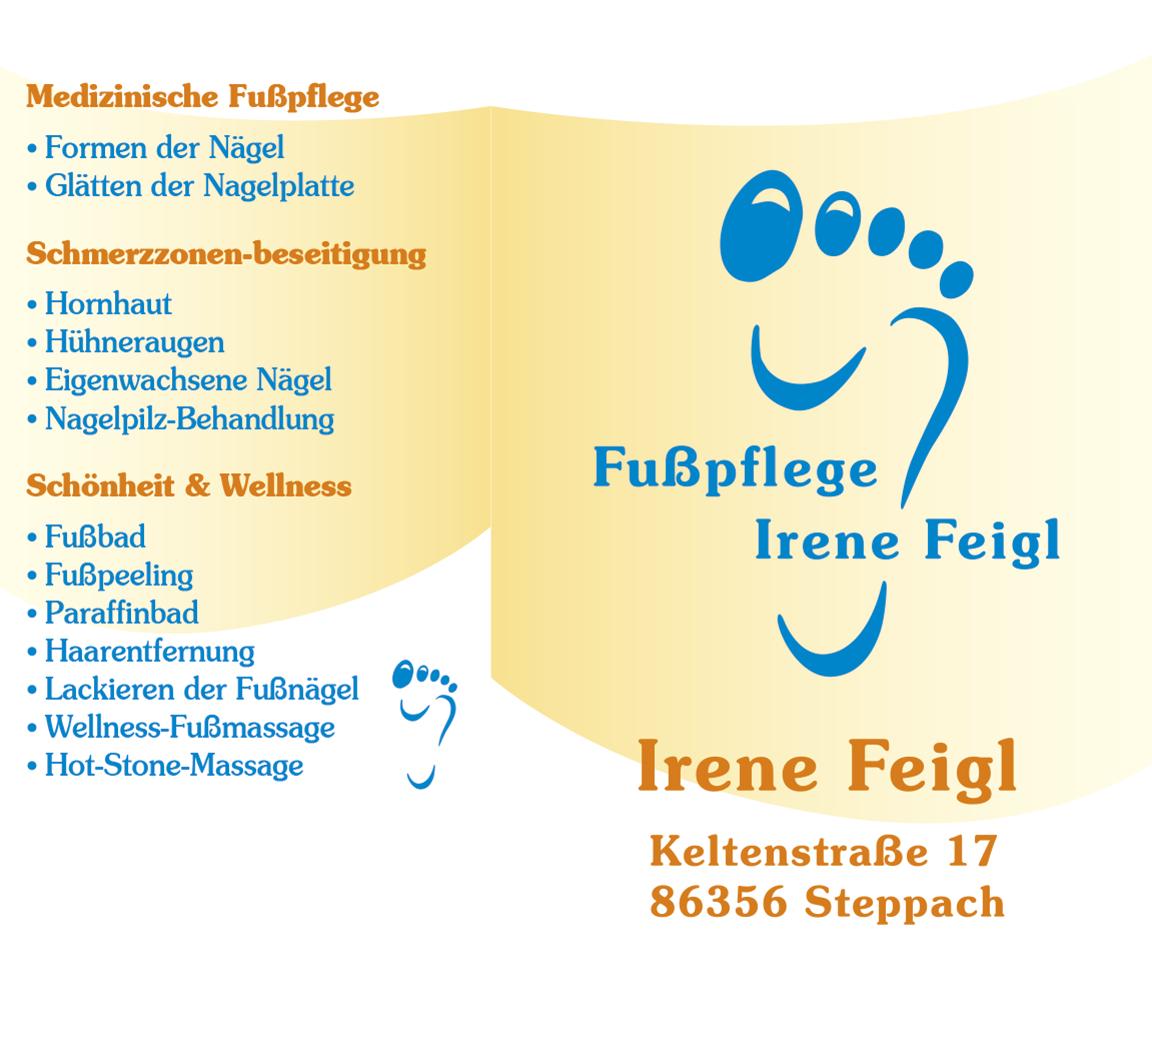 Fußpflege Irene Feigl